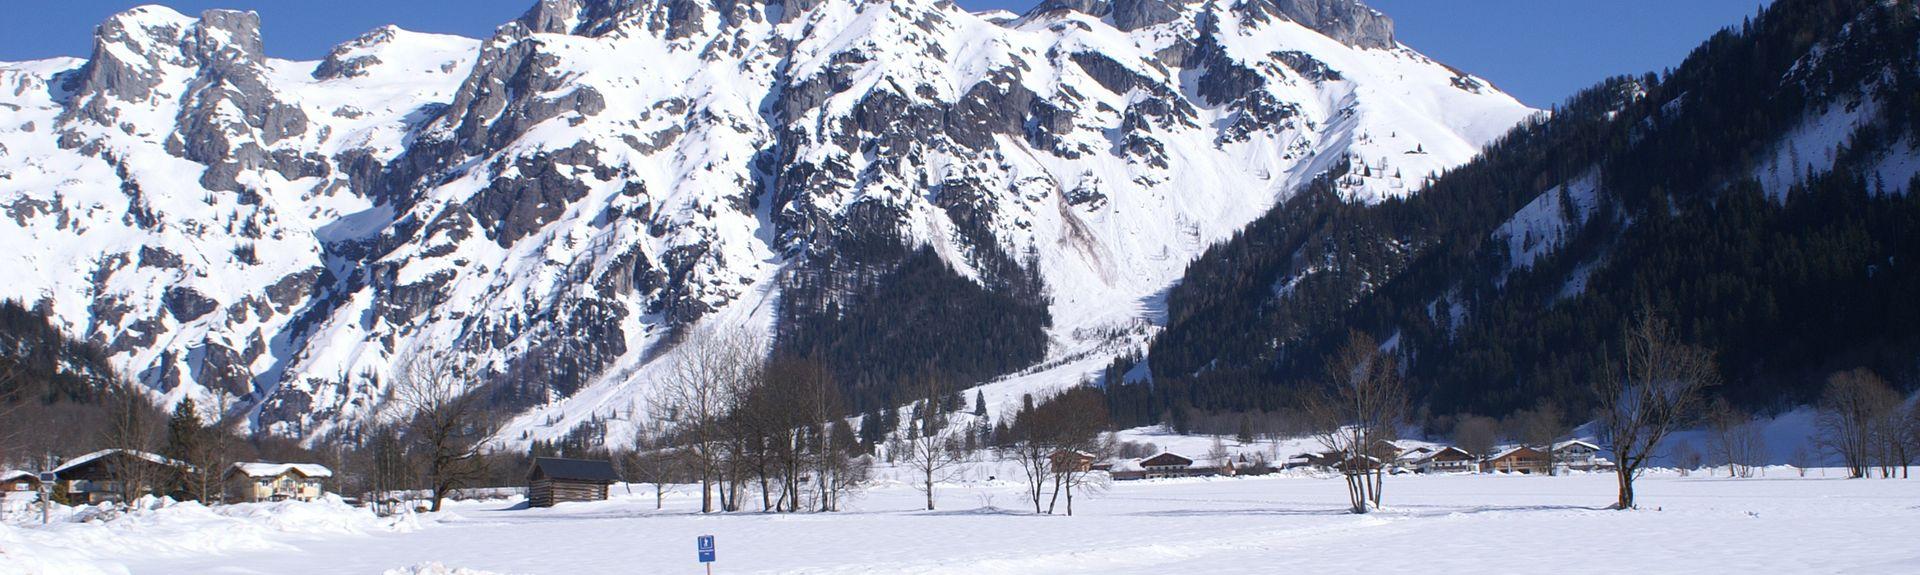 Tennen Mountains, Pfarrwerfen, Austria